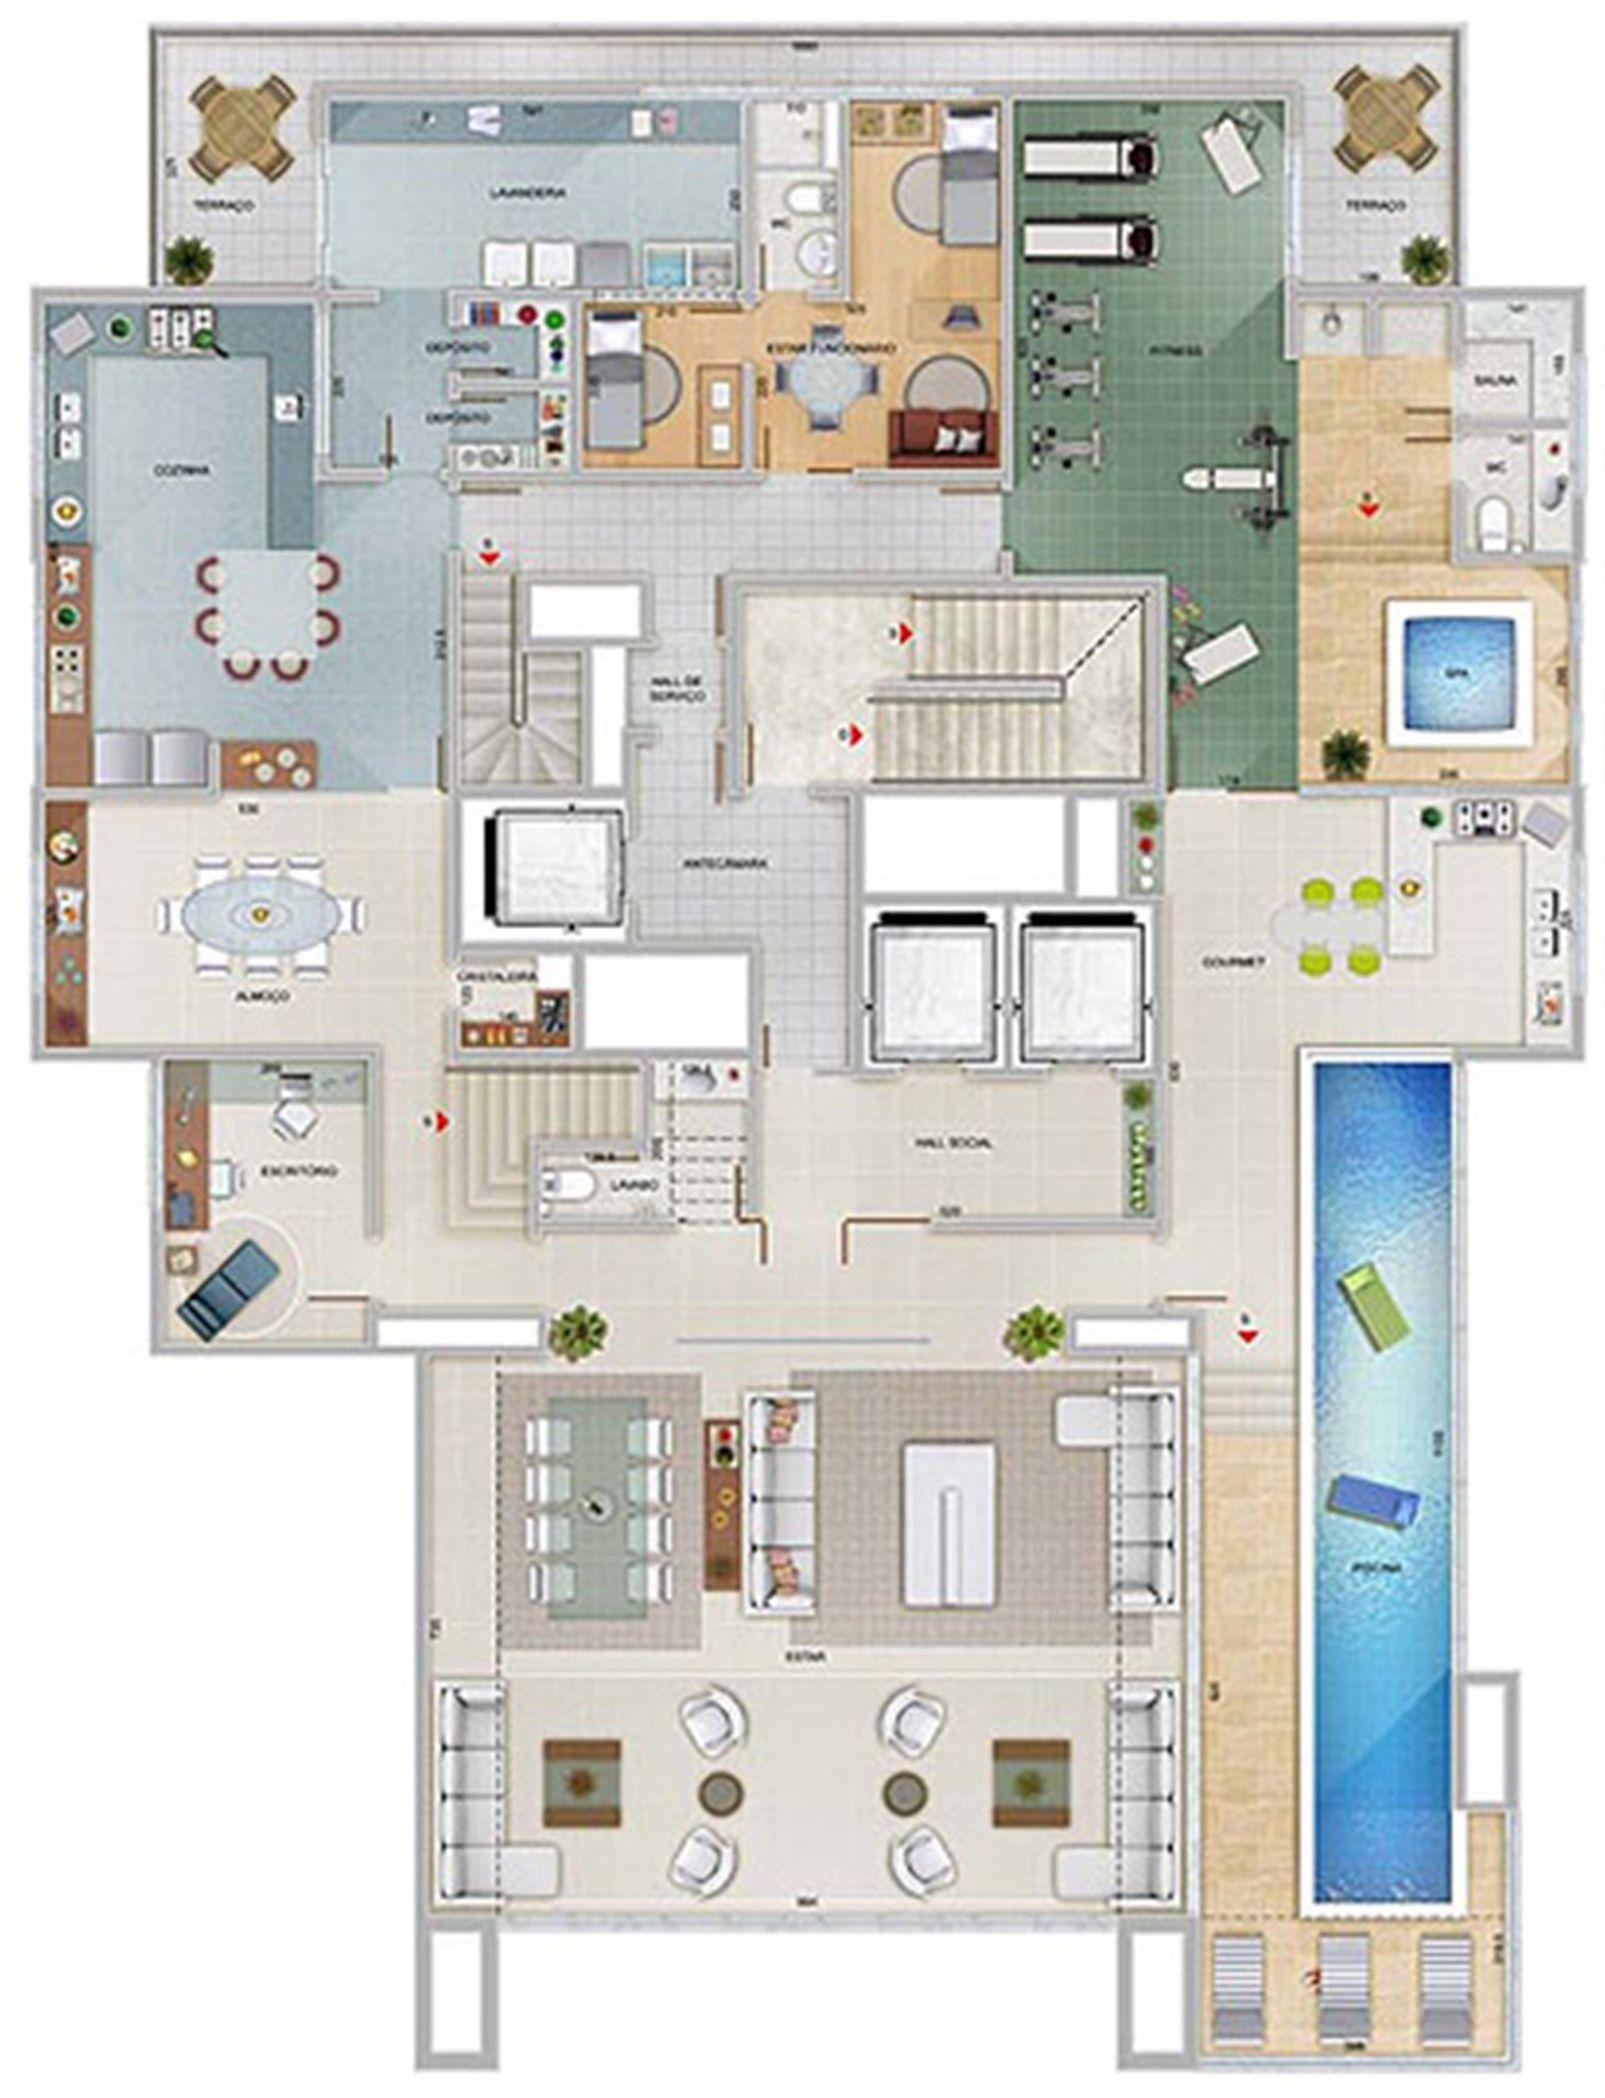 Pin De Mohd Ghamdi Em مخطط هندسي منازل Plantas De Casas